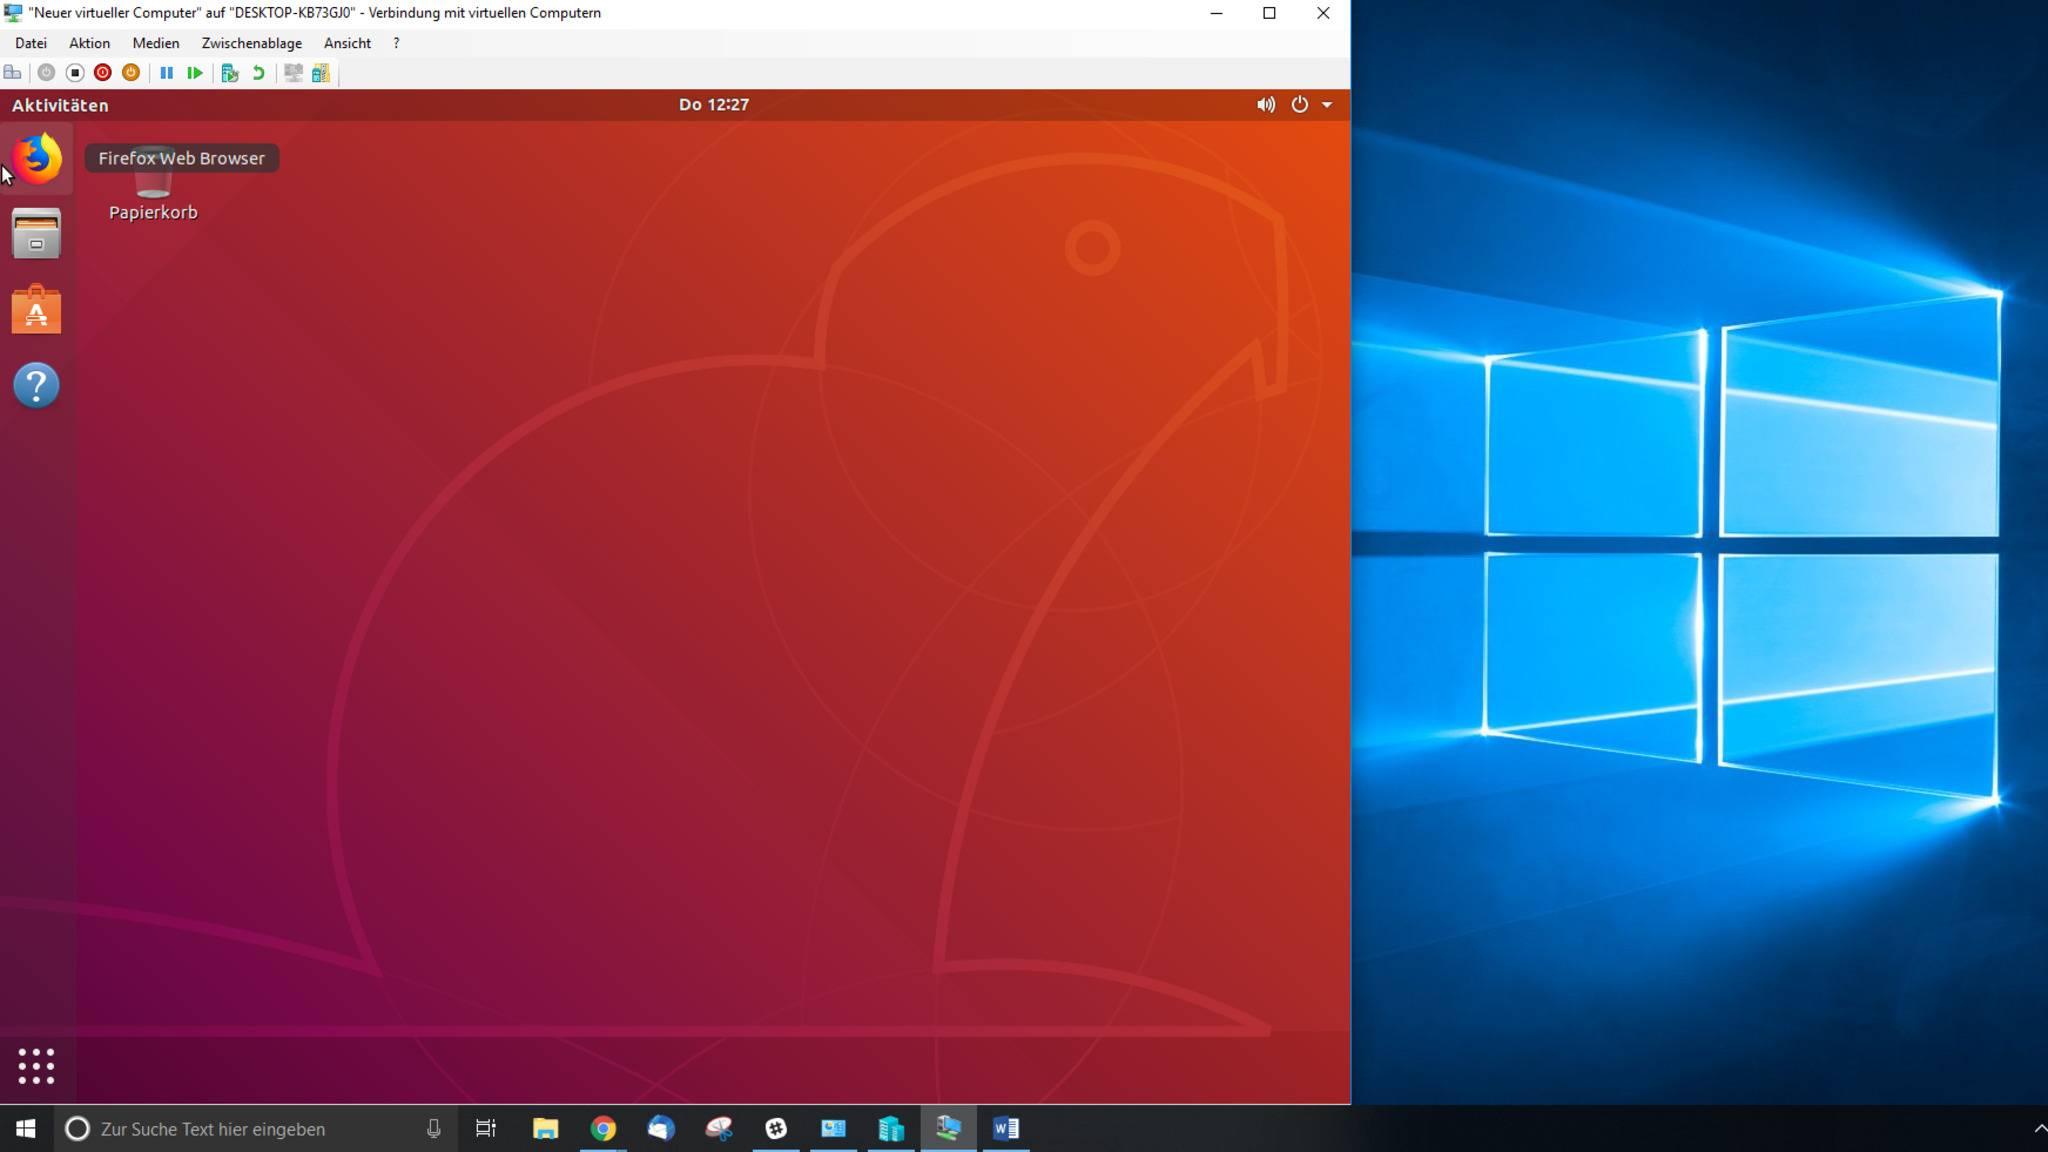 Ein voll funktionsfähiges Linux ist als virtuelle Maschine in Windows 10 einfach einzurichten.